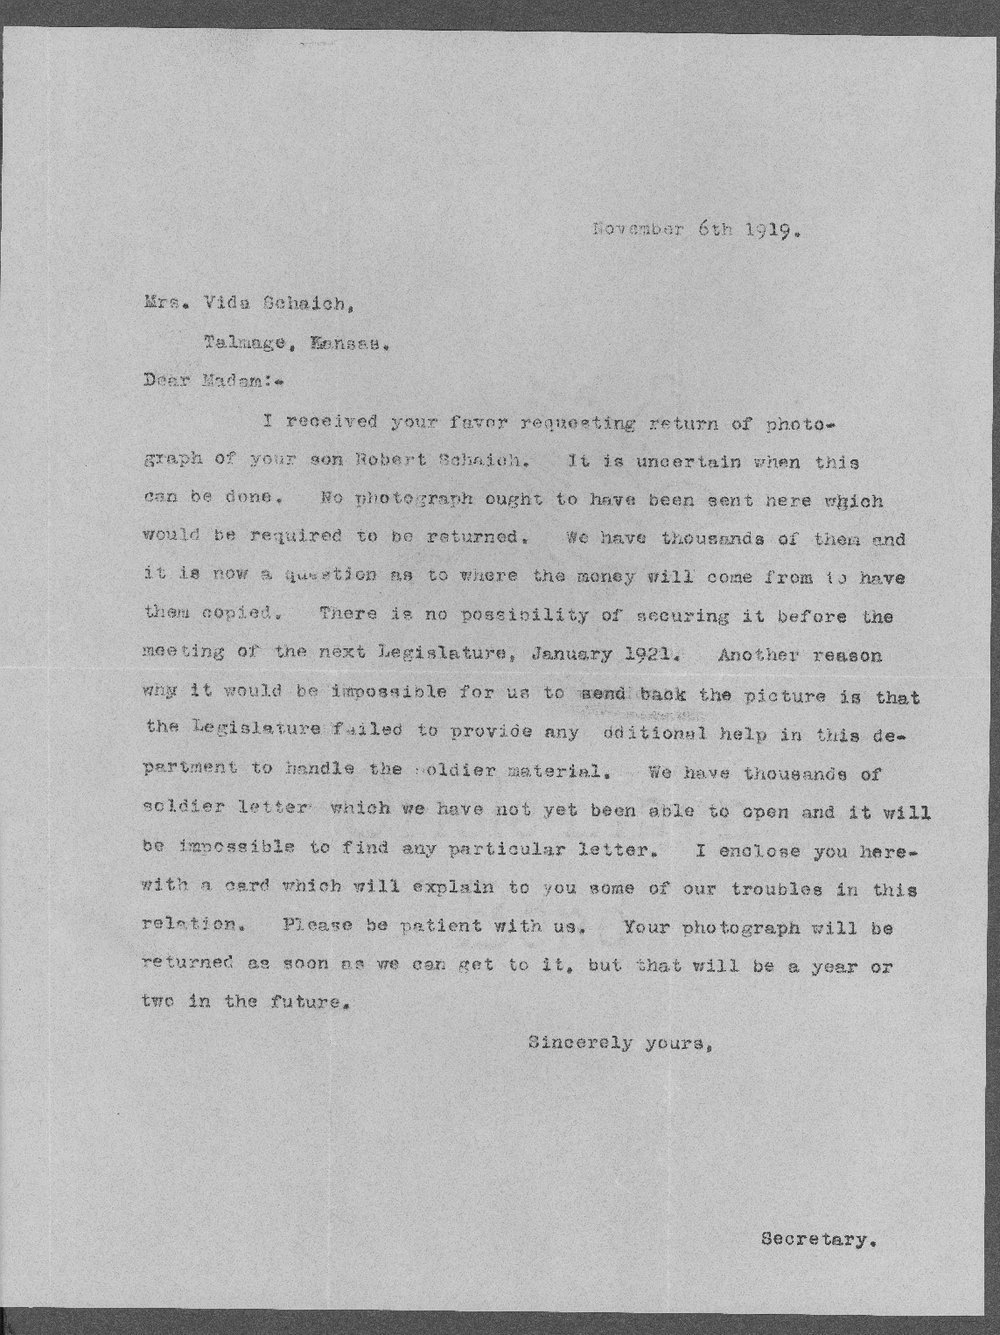 Robert Henry Schaich, World War I soldier - 11